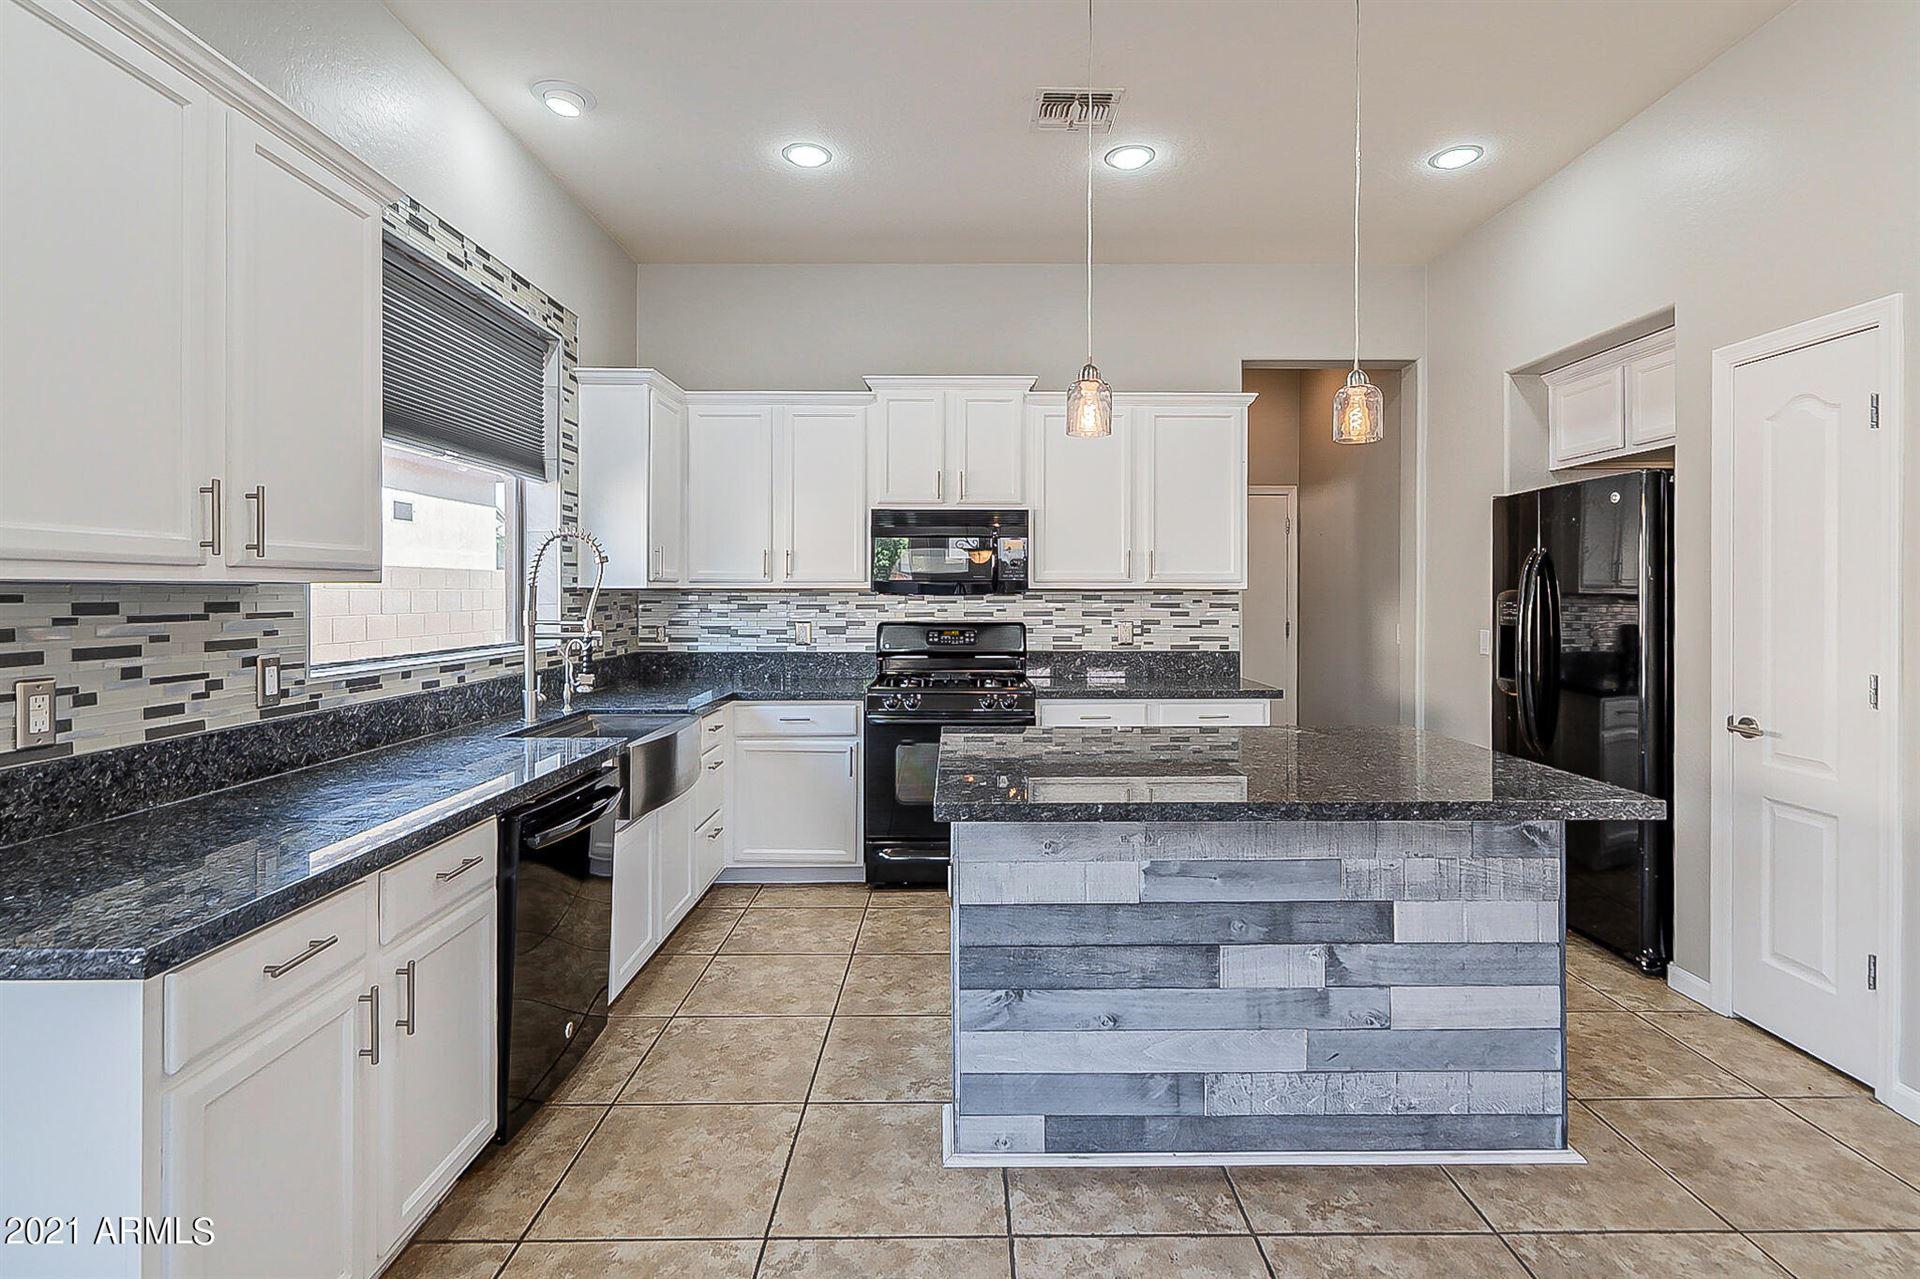 Photo of 4240 E ANDRE Avenue, Gilbert, AZ 85298 (MLS # 6265738)